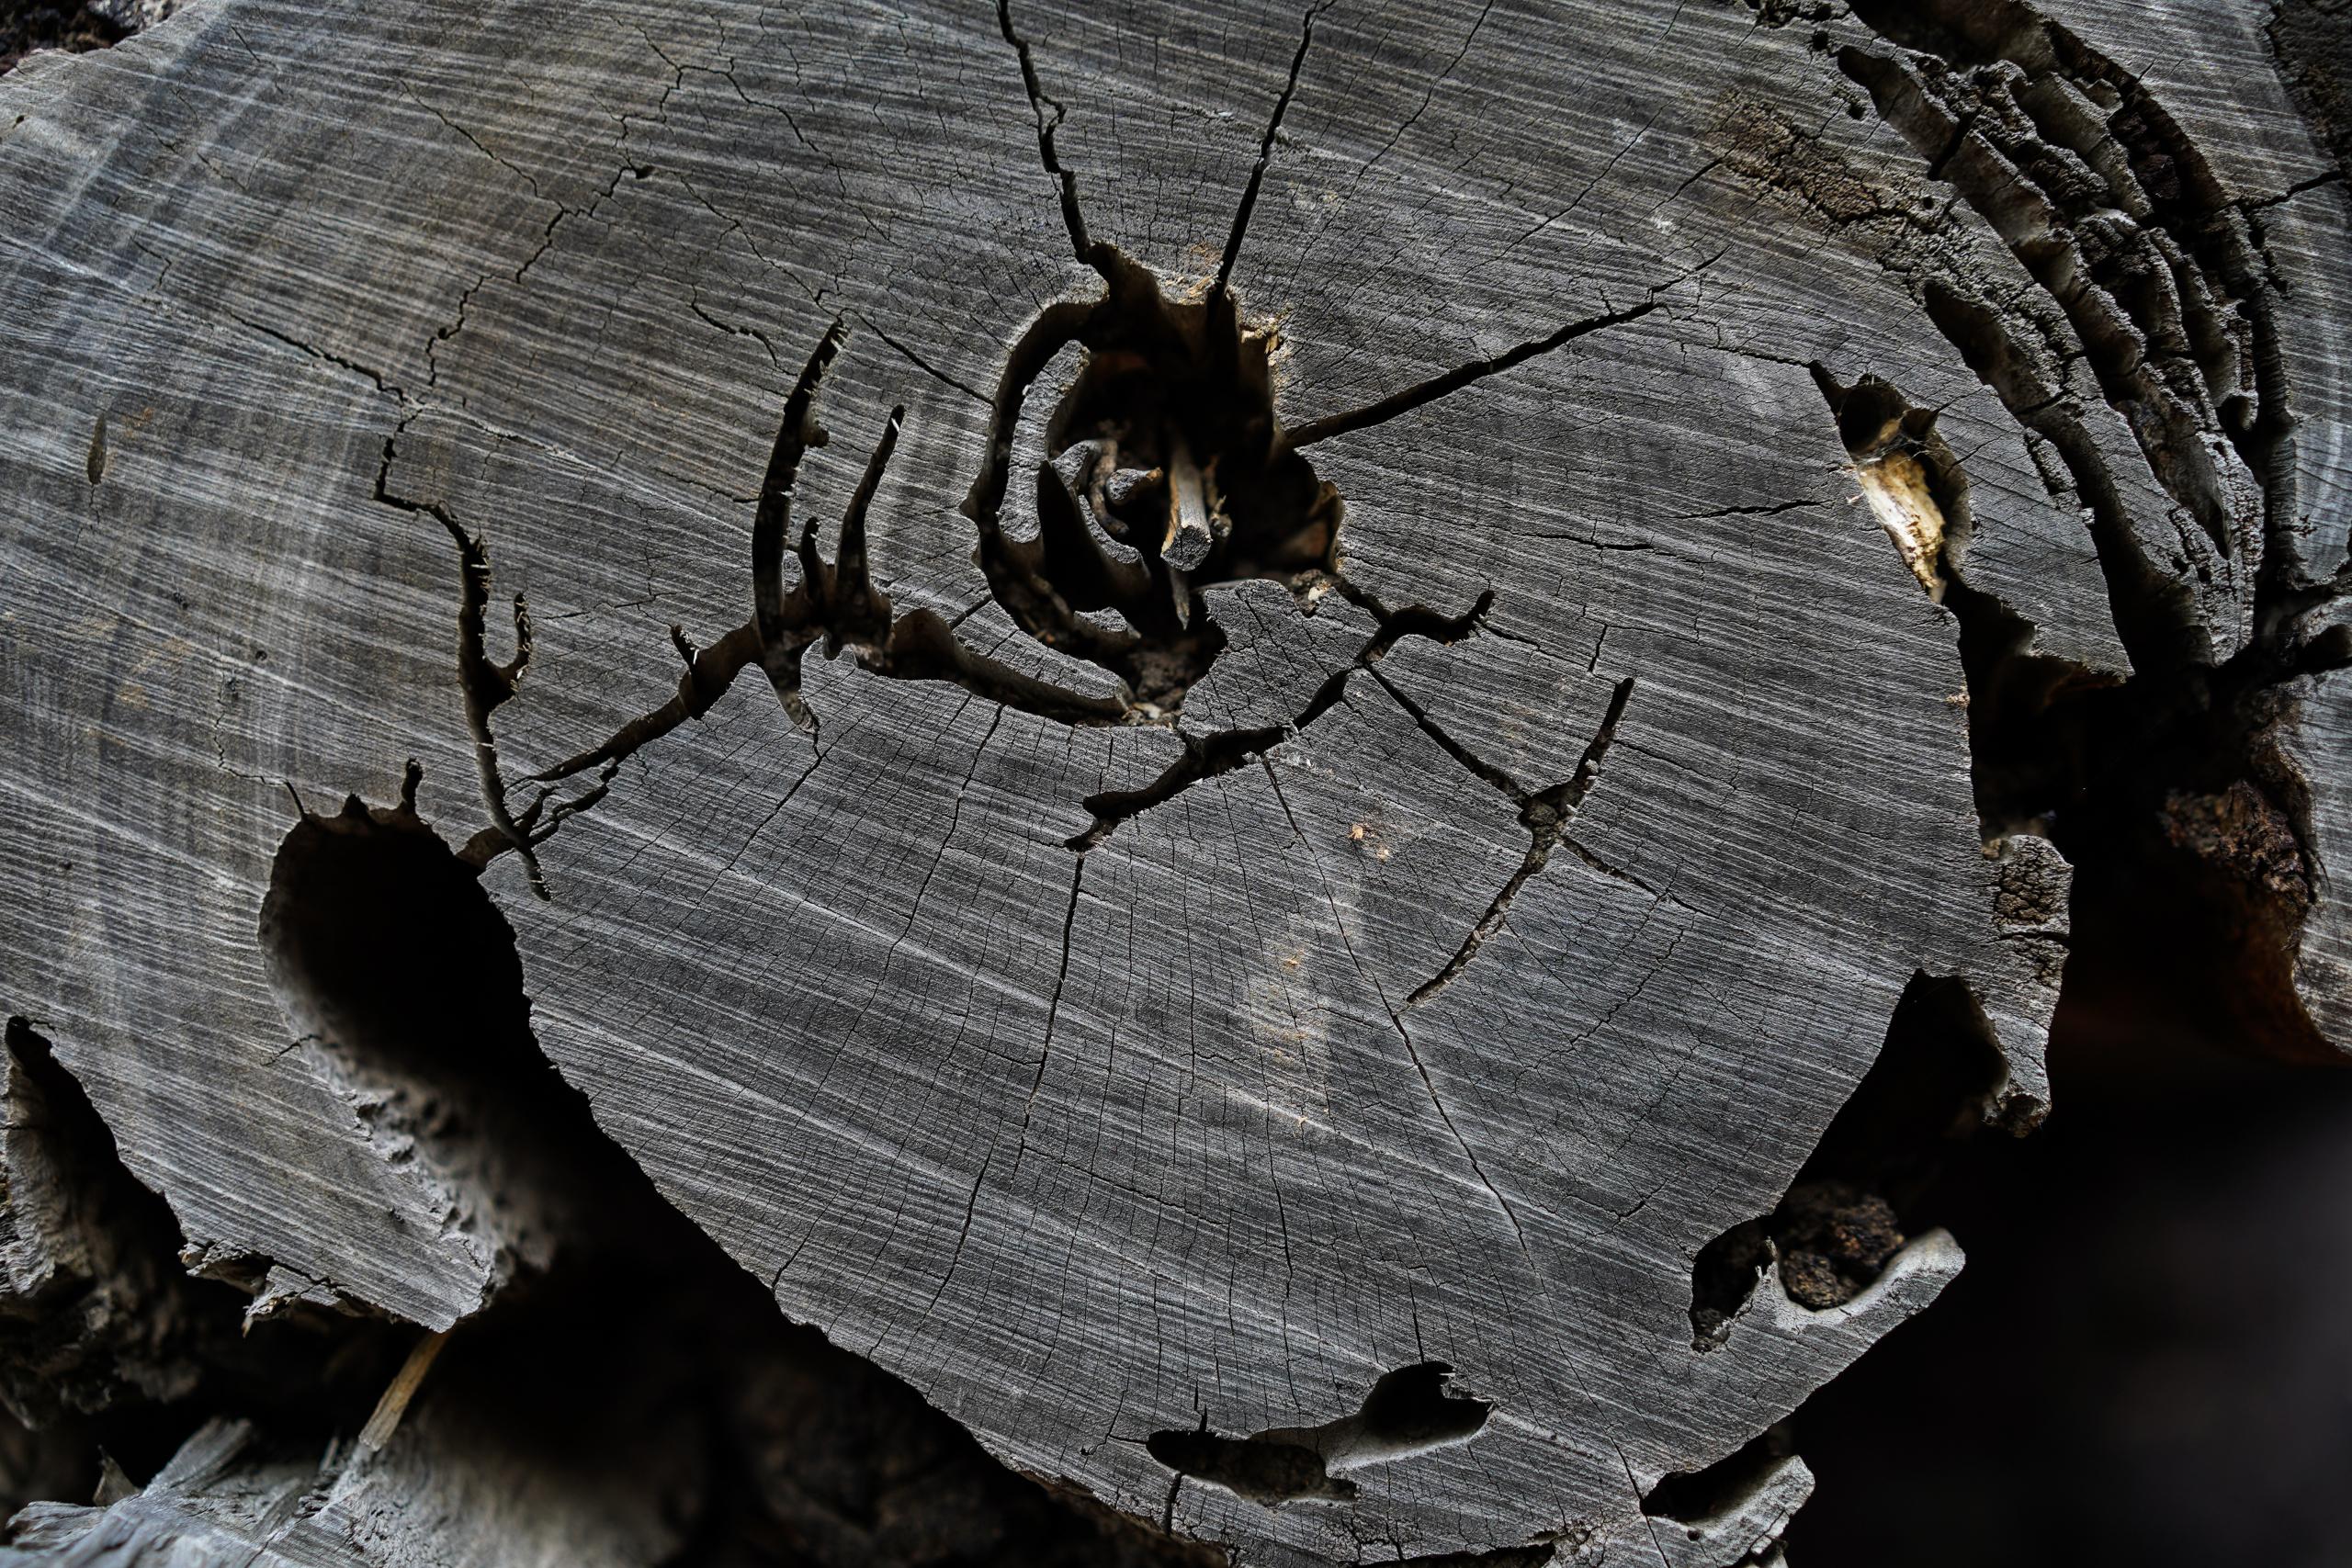 árvore caída, anéis de madeira, formigas, detalhe, dps